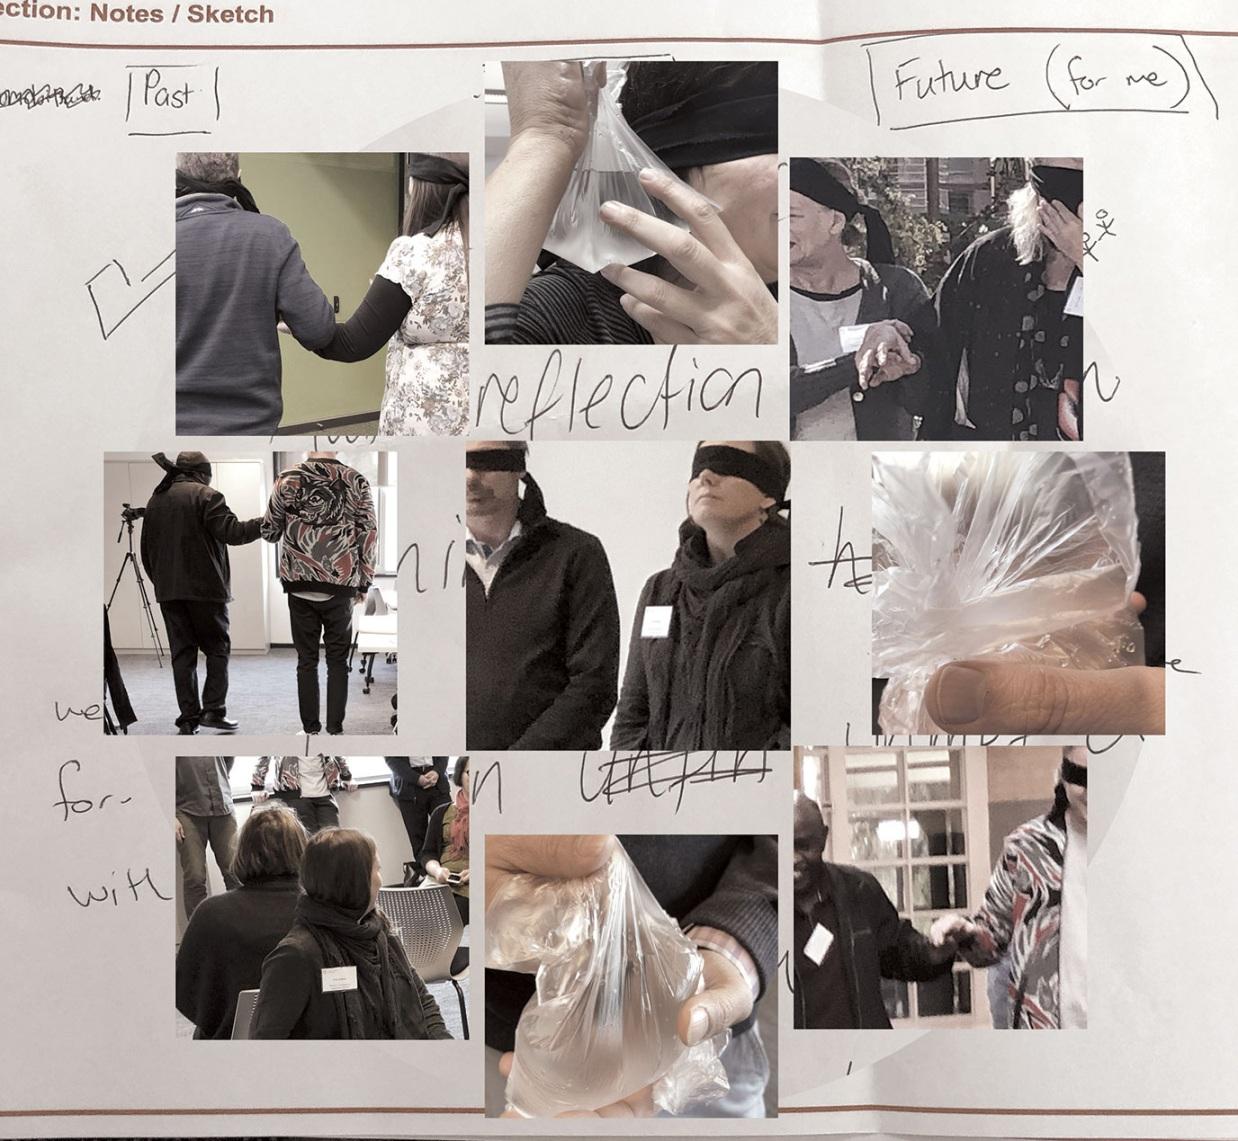 Photograph: Workshop Activities